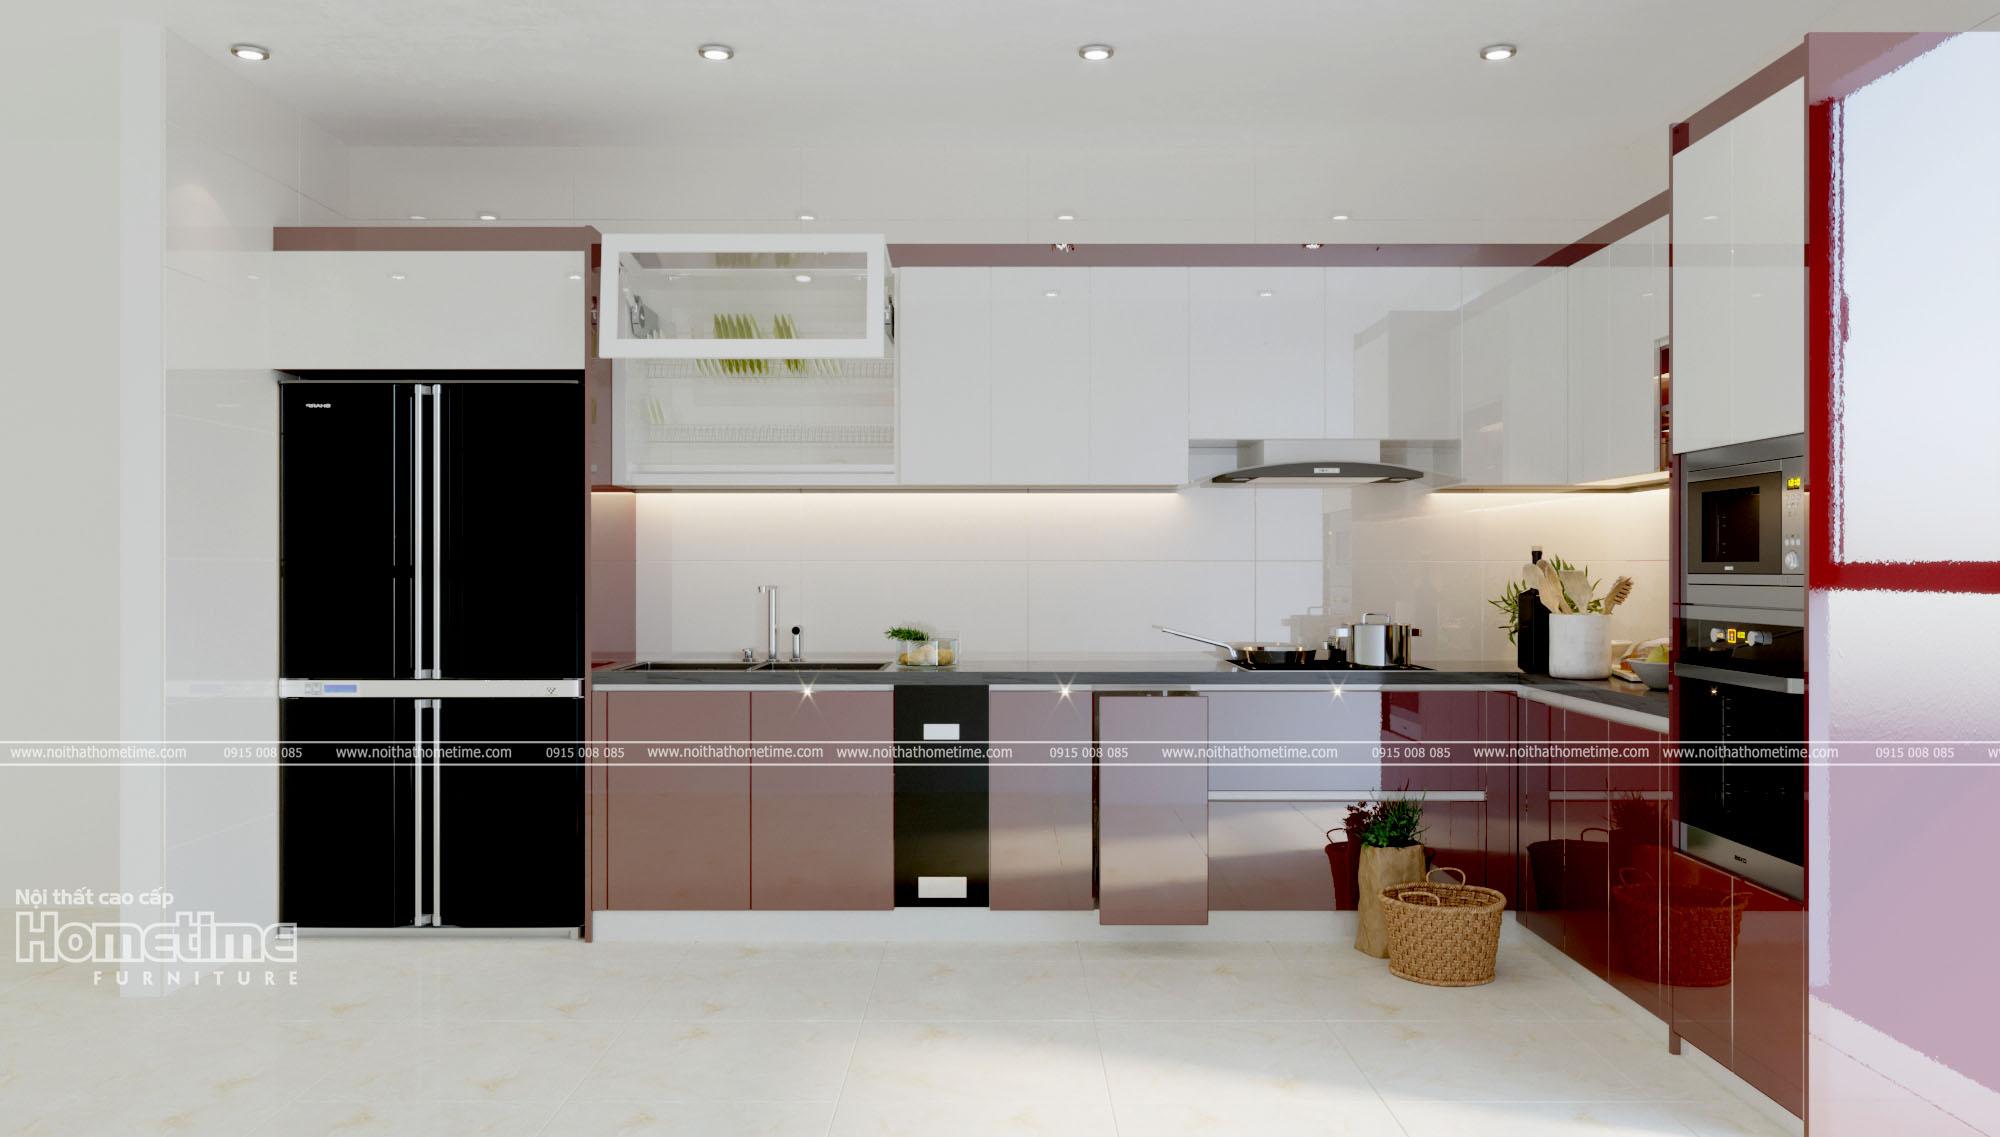 Báo giá tủ bếp nhựa phủ acrylic màu trắng viền đỏ nhà anh Thế Hồ Sen